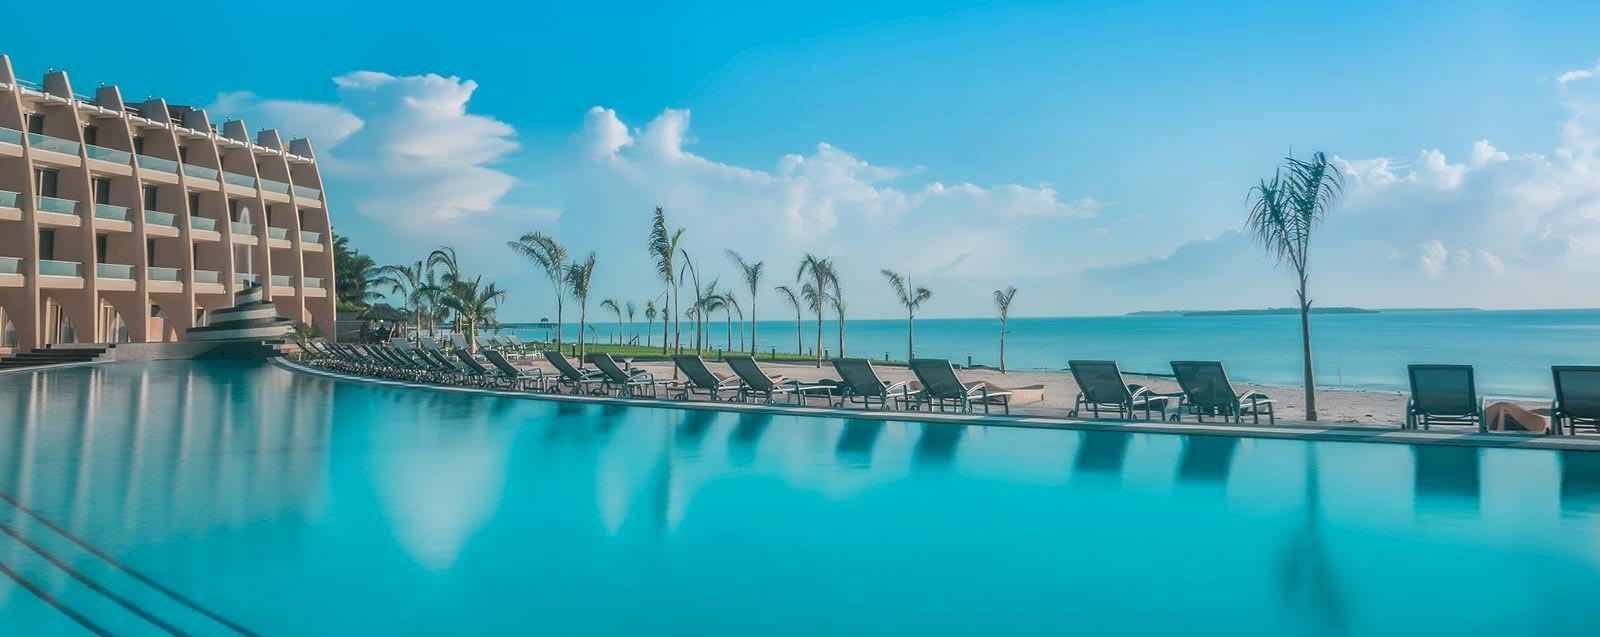 Ramada Resort by Wyndham Dar Es Salaam Tanzania